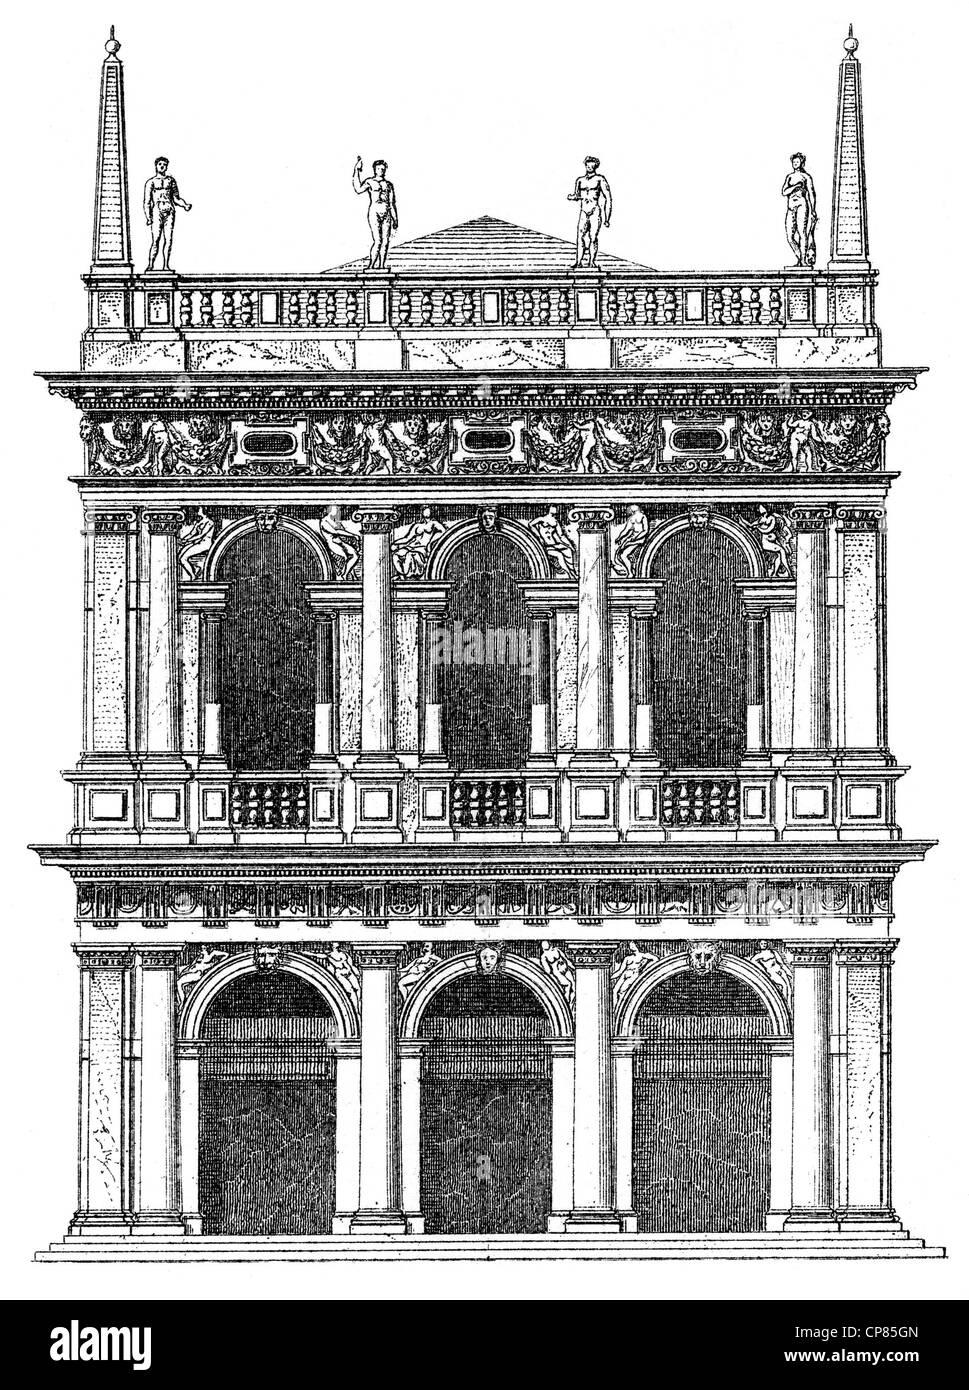 Biblioteca Marciana, Marciana Library, Library of San Marco, Libreria Marciana, Biblioteca Nazionale Marciana, Libreria - Stock Image